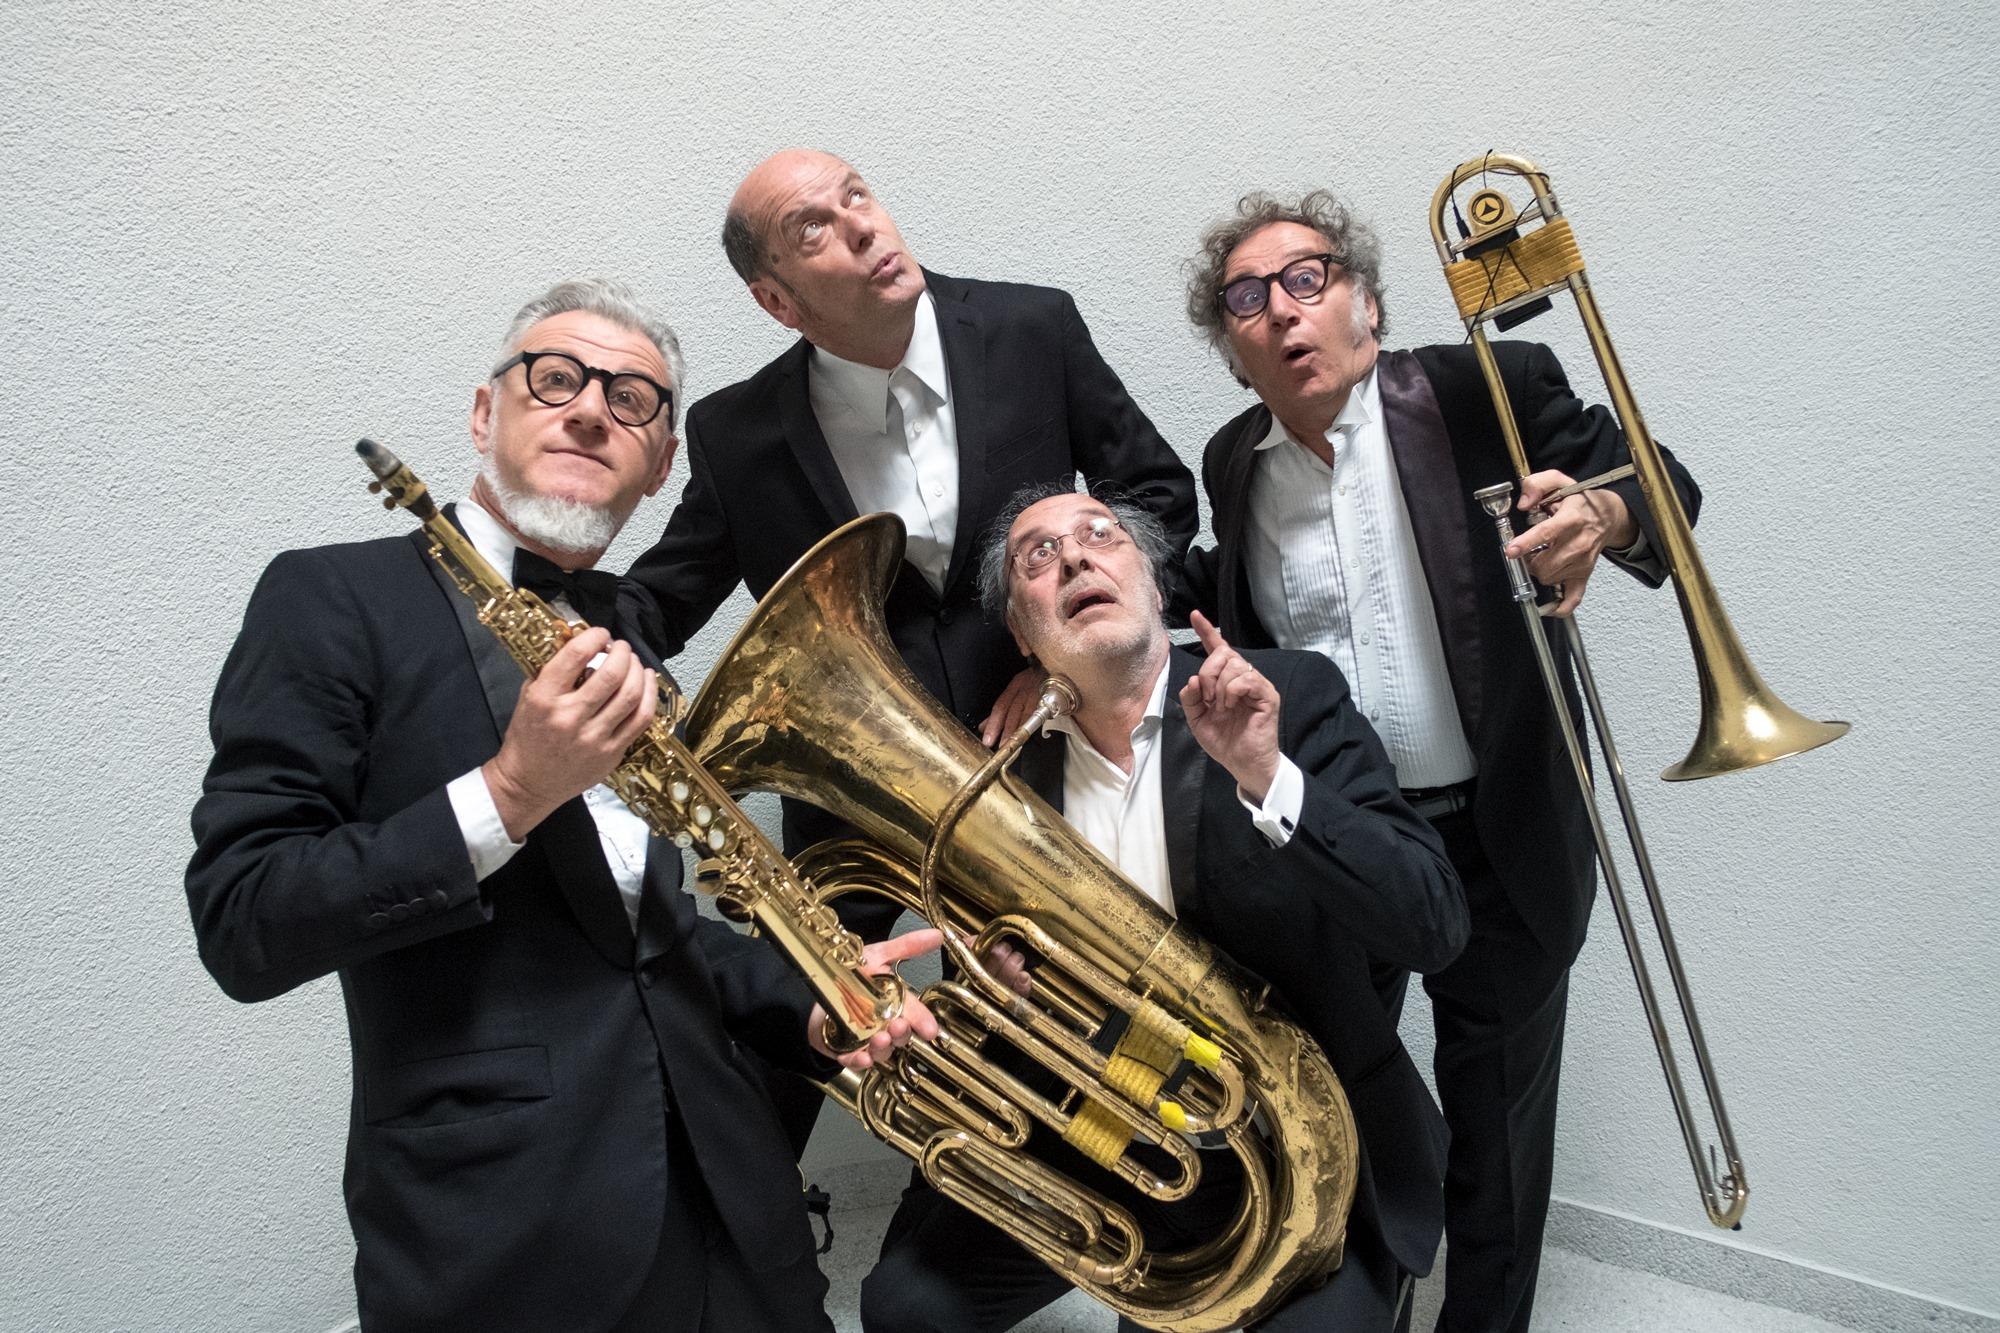 Banda Osiris e Rossini in streaming, con AMAT il teatro a casa